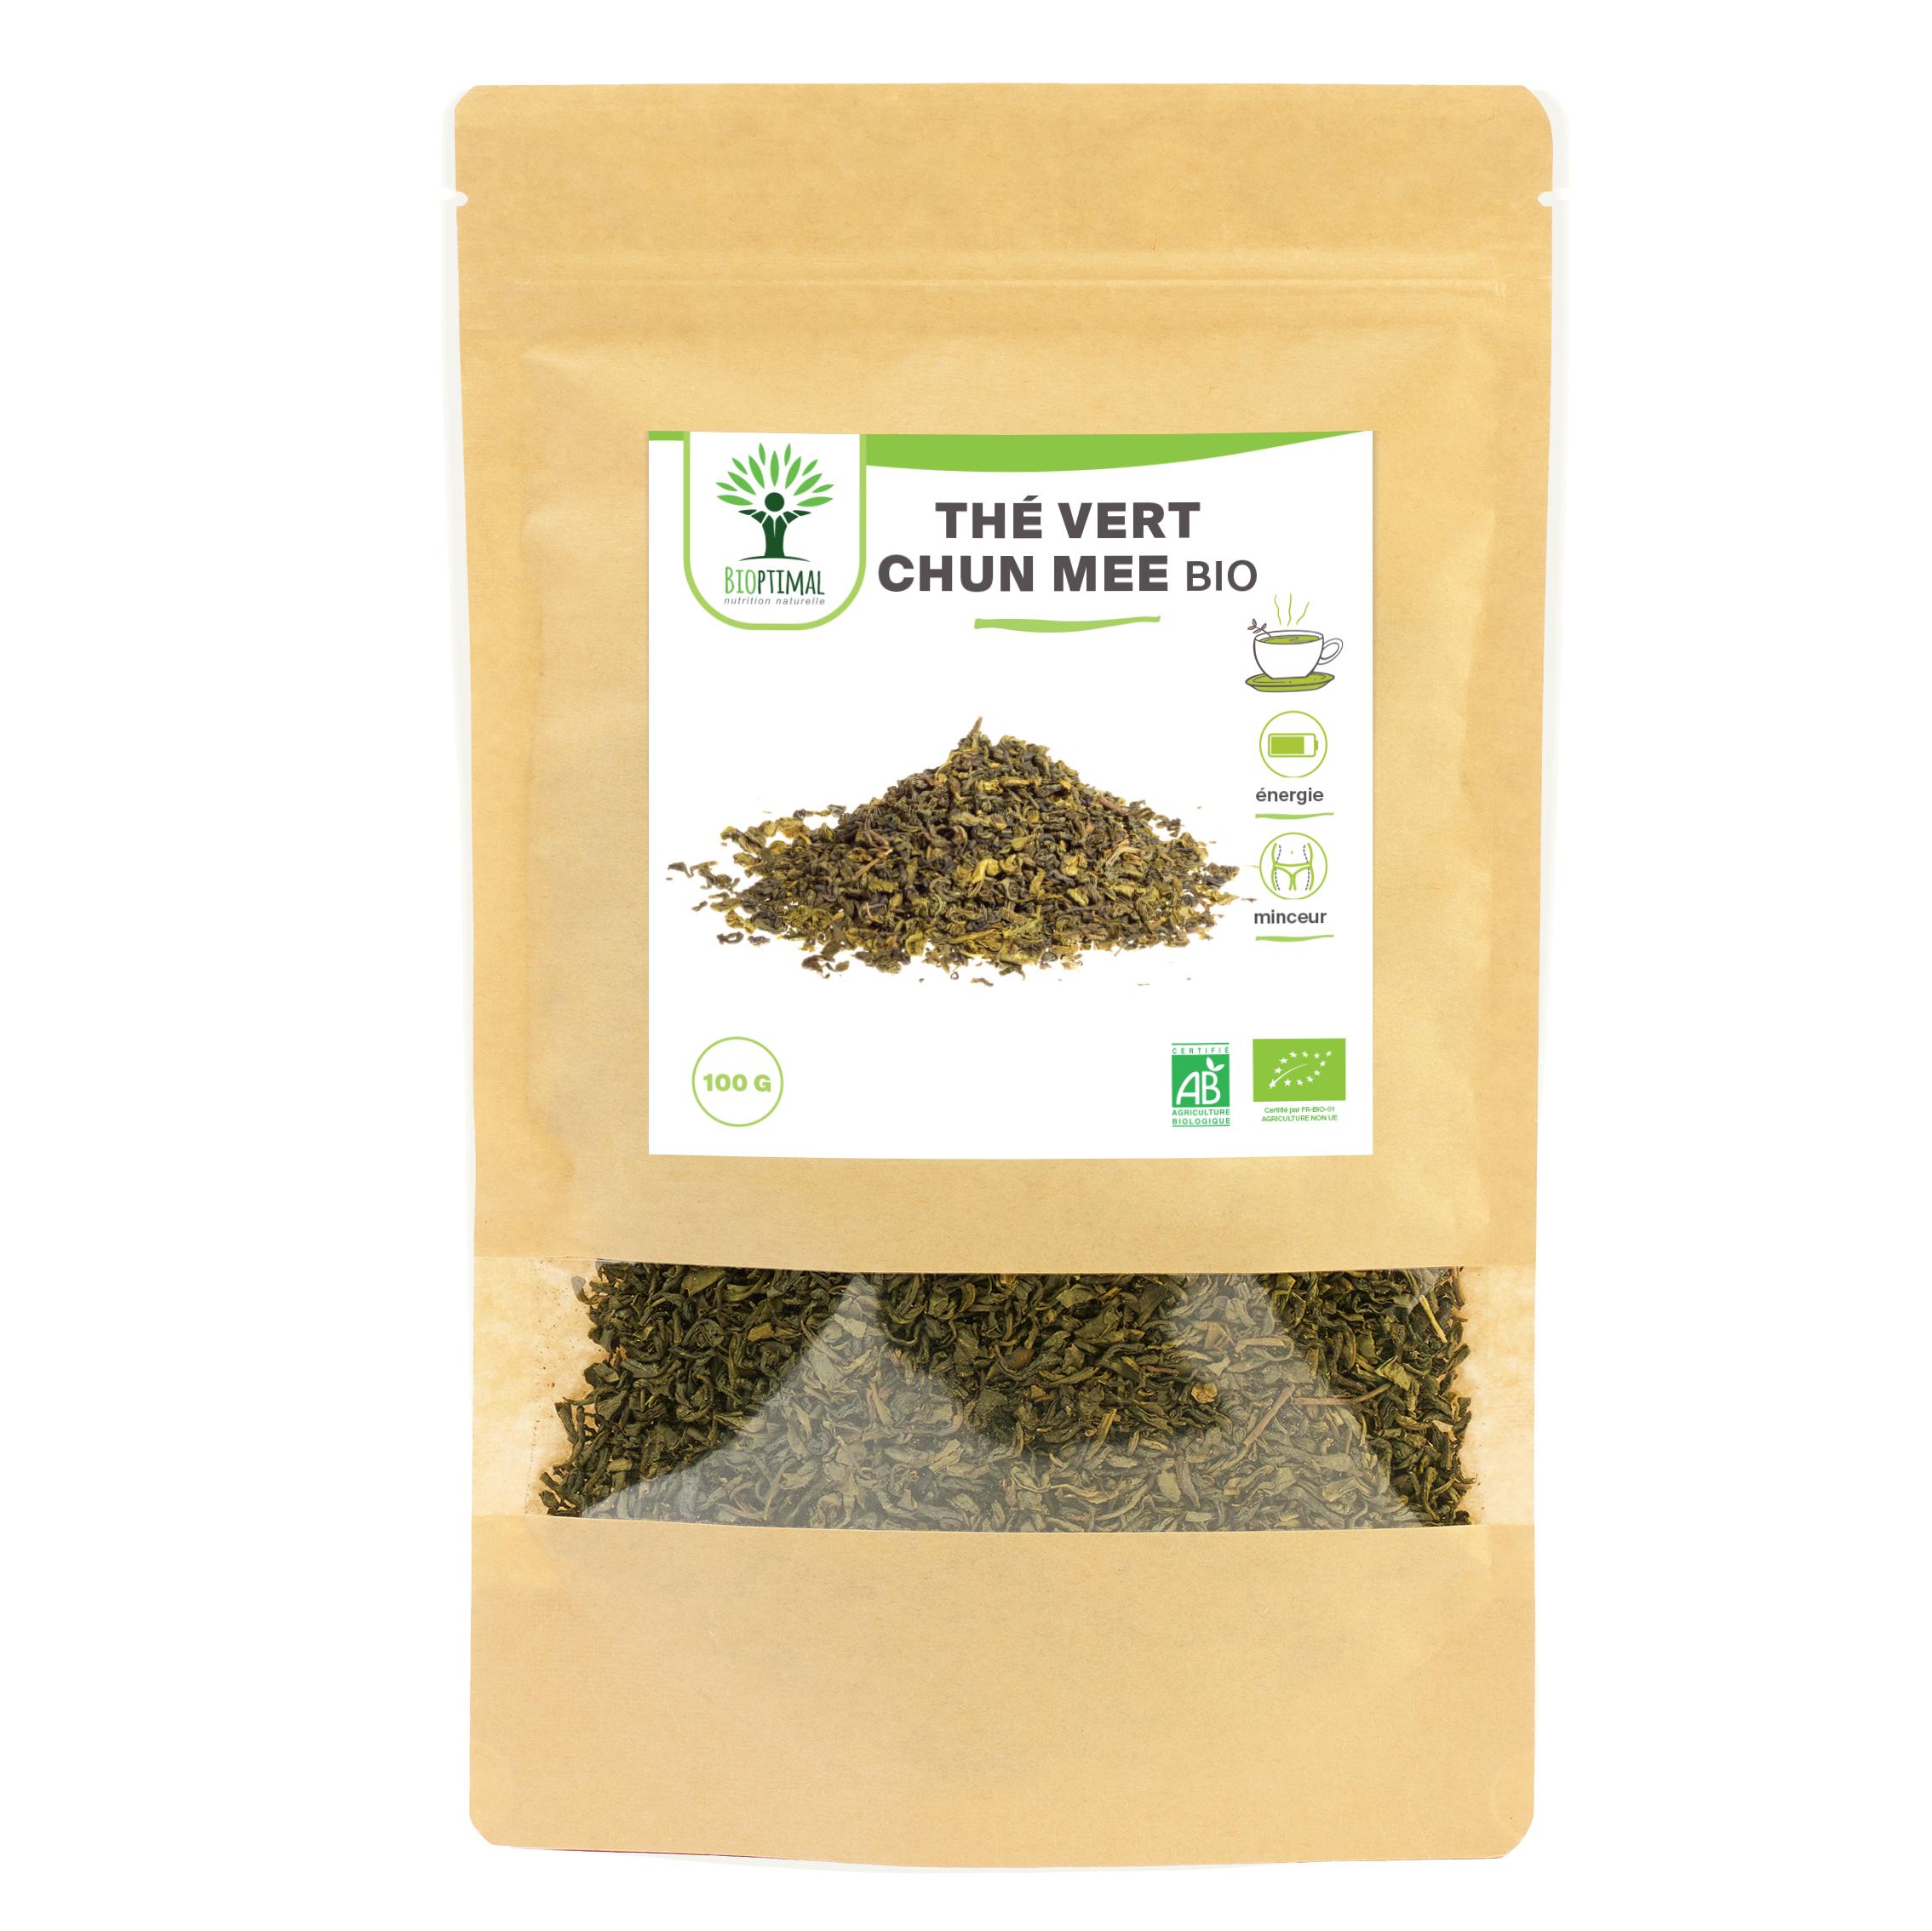 Bioptimal - Thé Vert Bio - Chun Mee en Vrac - Energie Détox Minceur - 100g